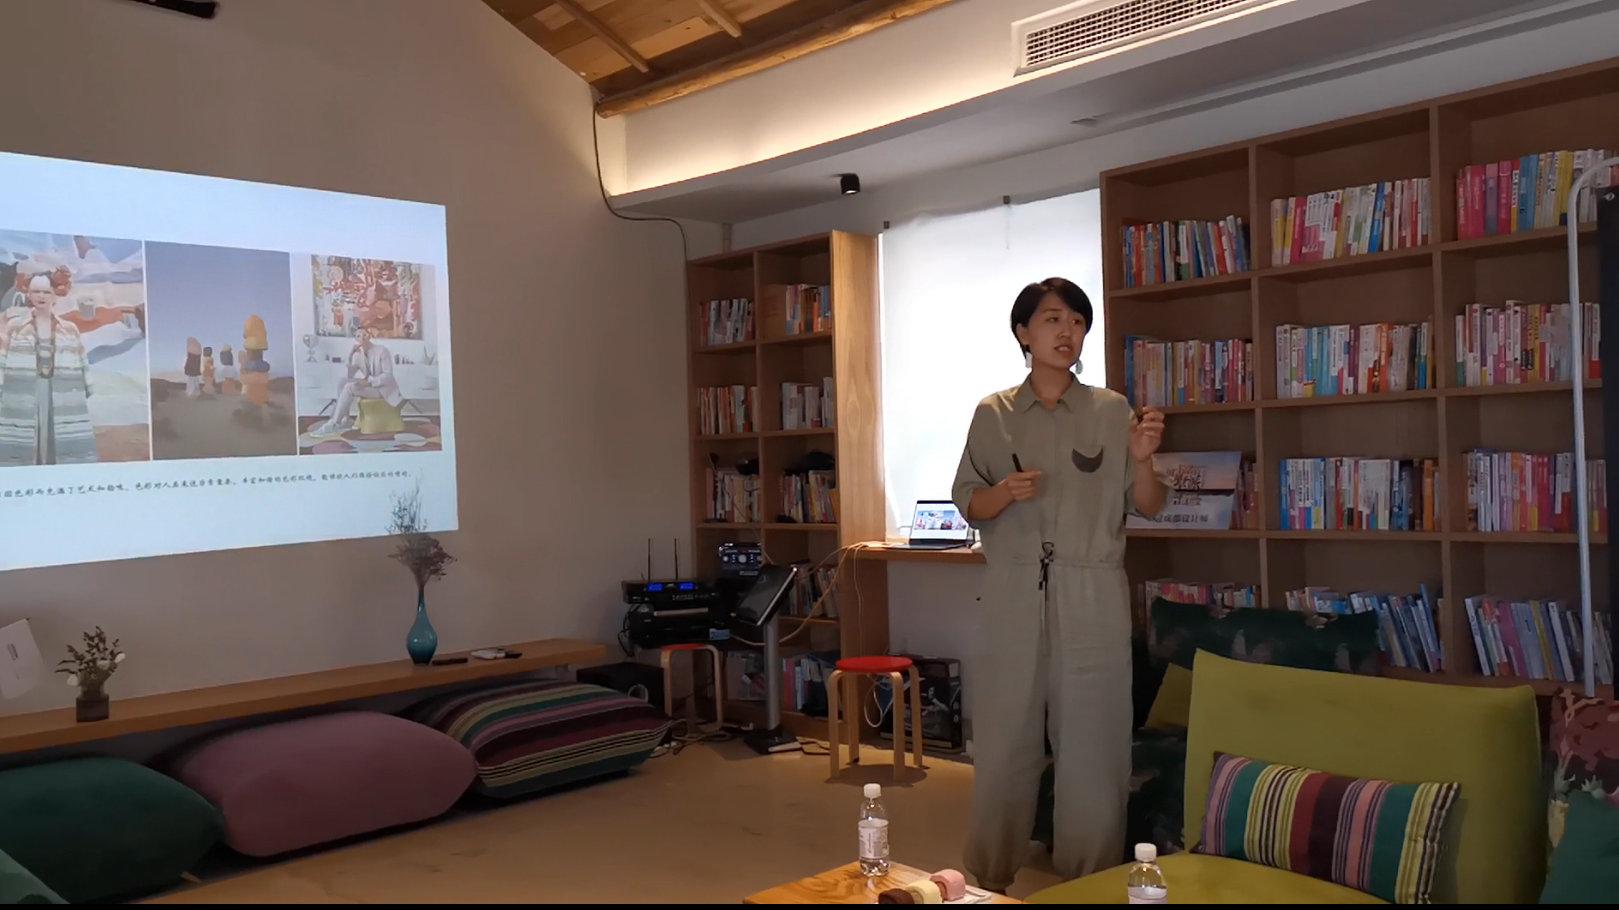 20190712期 知名设计师赵秋平谈《设计的理念》